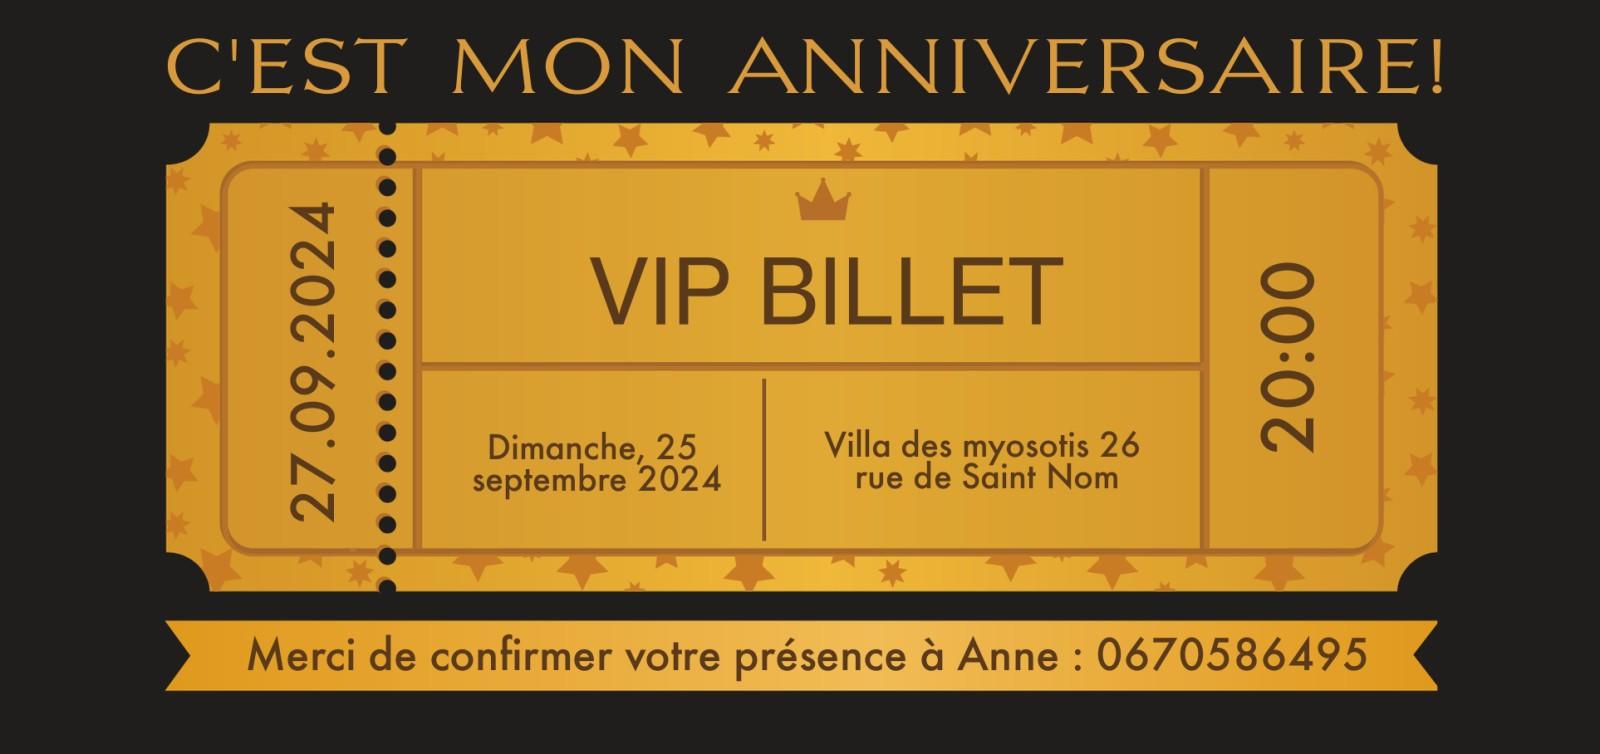 Carte d'invitation anniversaire Place VIP - Invitations d'anniversaire personnalisées | Optimalprint